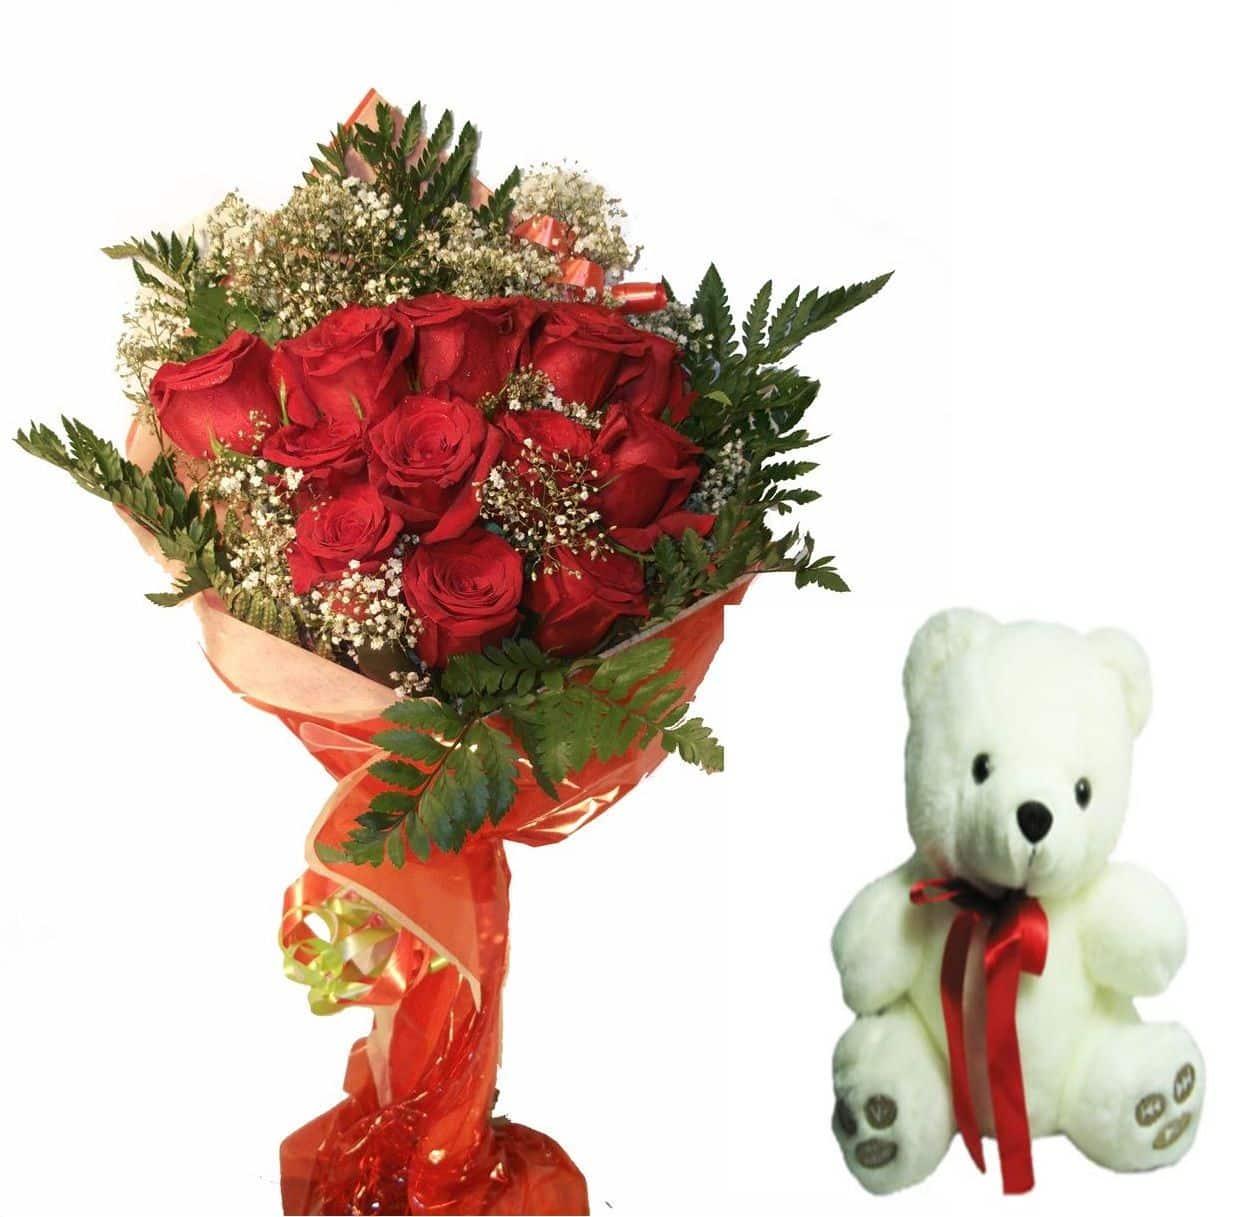 Envio de ramo de doce rosas a domicilio con peluche